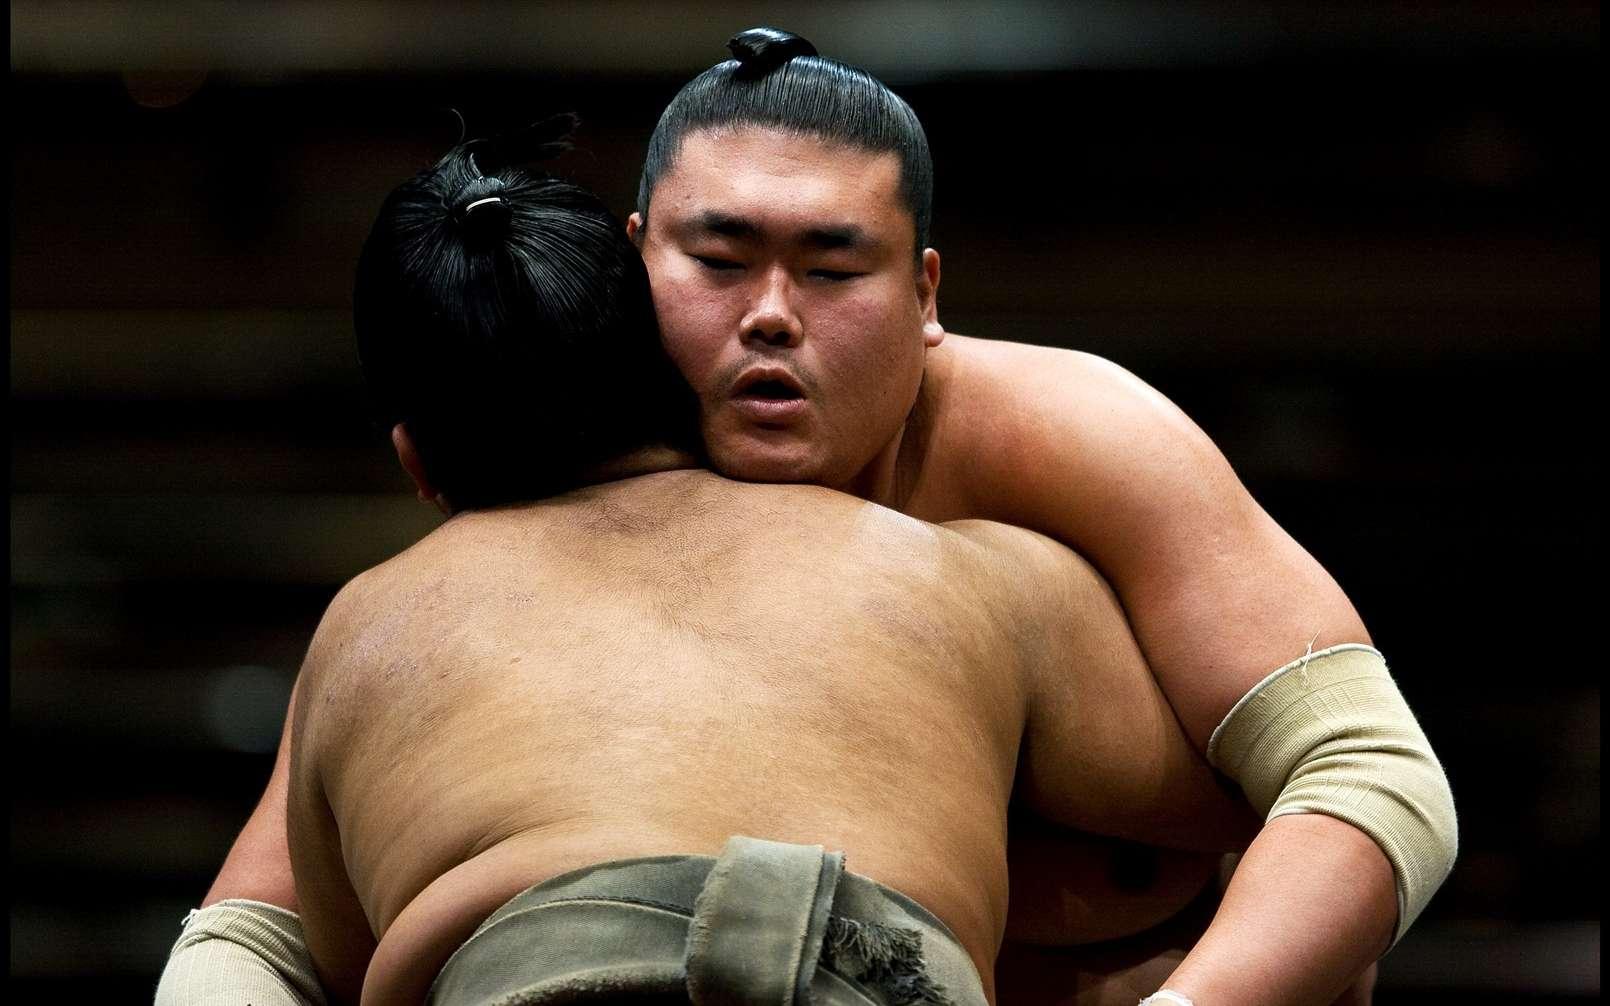 Le sumotori, sport national au Japon, oppose deux combattants obèses. C'est l'une des rares occasions où le surpoids est bien accepté. Si un médicament contre l'obésité venait à sortir un jour, il ne serait probablement pas détourné à des fins de dopage par ces sportifs. © Incanus Japan, Fotopédia, cc by nc sa 2.0